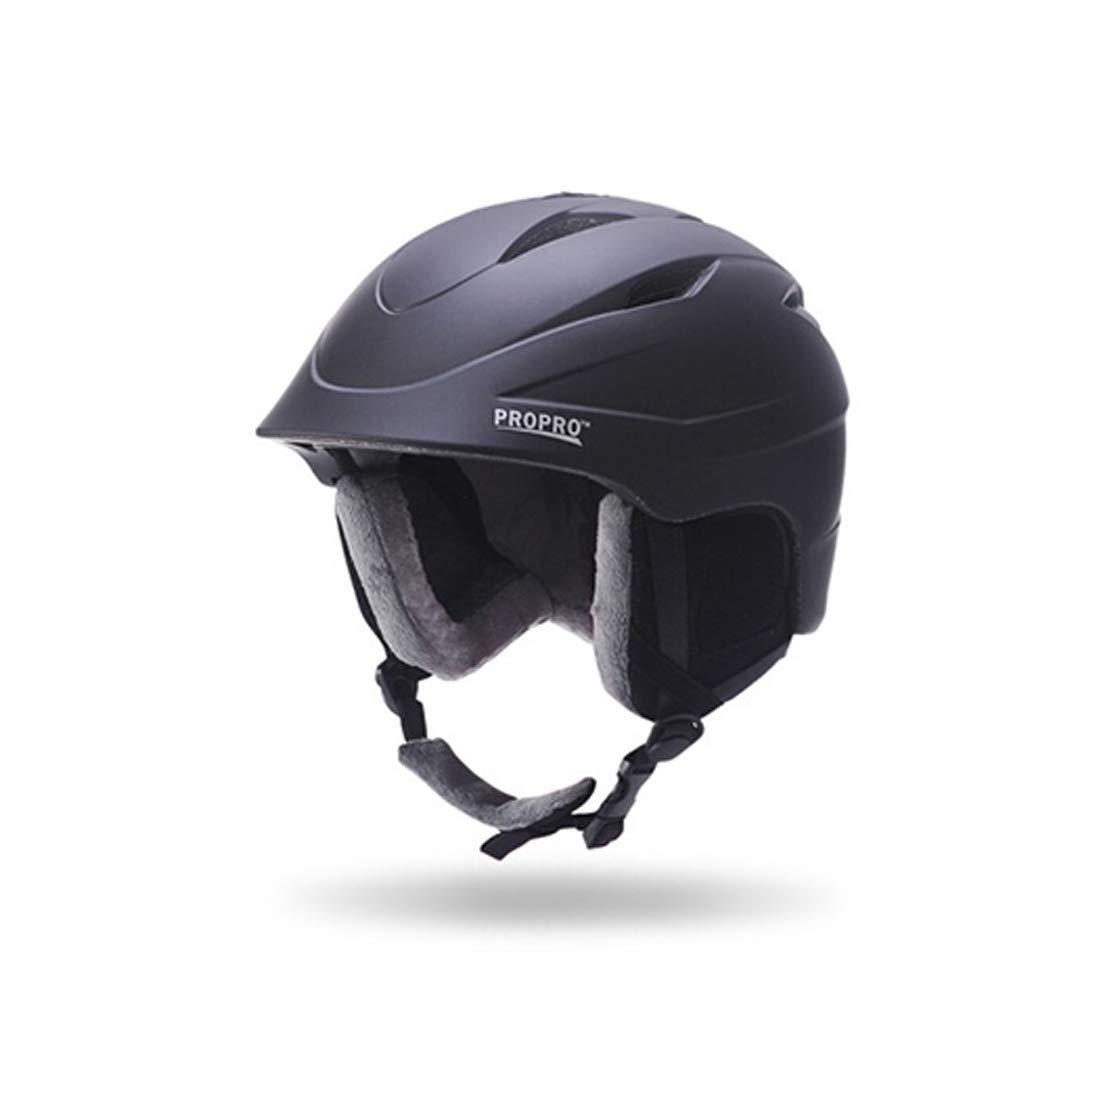 CAFUTY インテリアヒーターインテリアクッションアウトドア用品スキー用ヘルメット (Color : ブラック, サイズ : M) Medium ブラック B07PKGCZD6